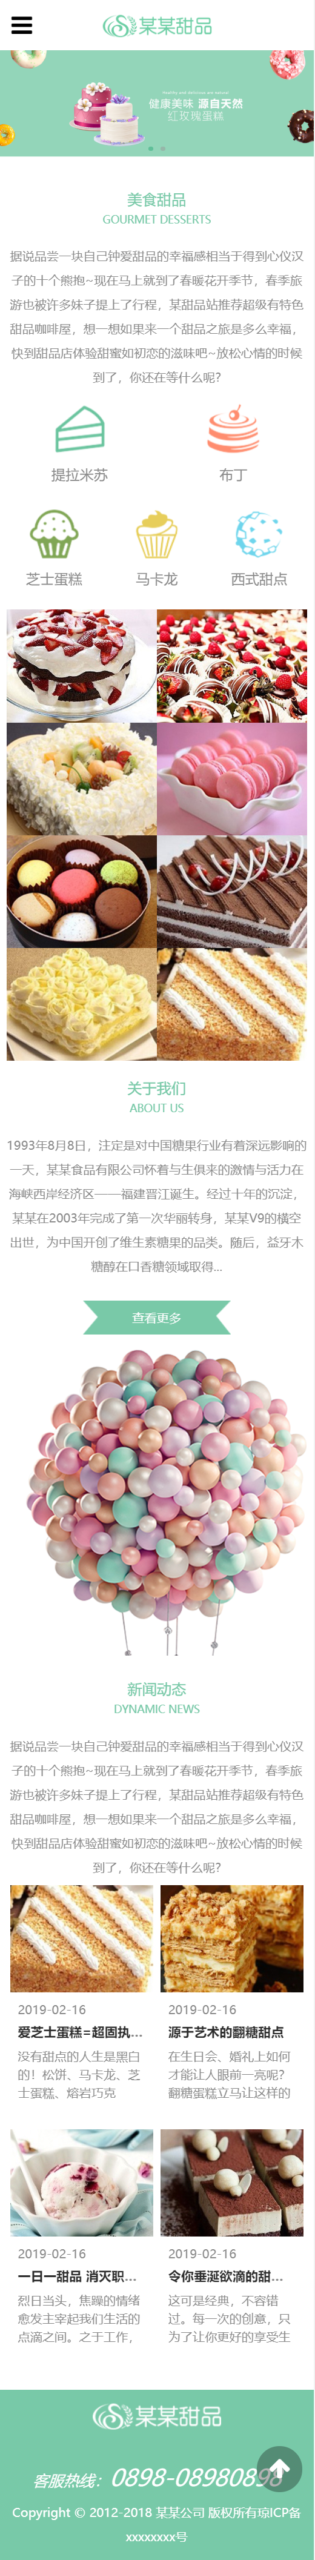 响应式美食甜品蛋糕糕点公司企业模板官网企业网站源码下载自适应手机端带强大的后台管理系统